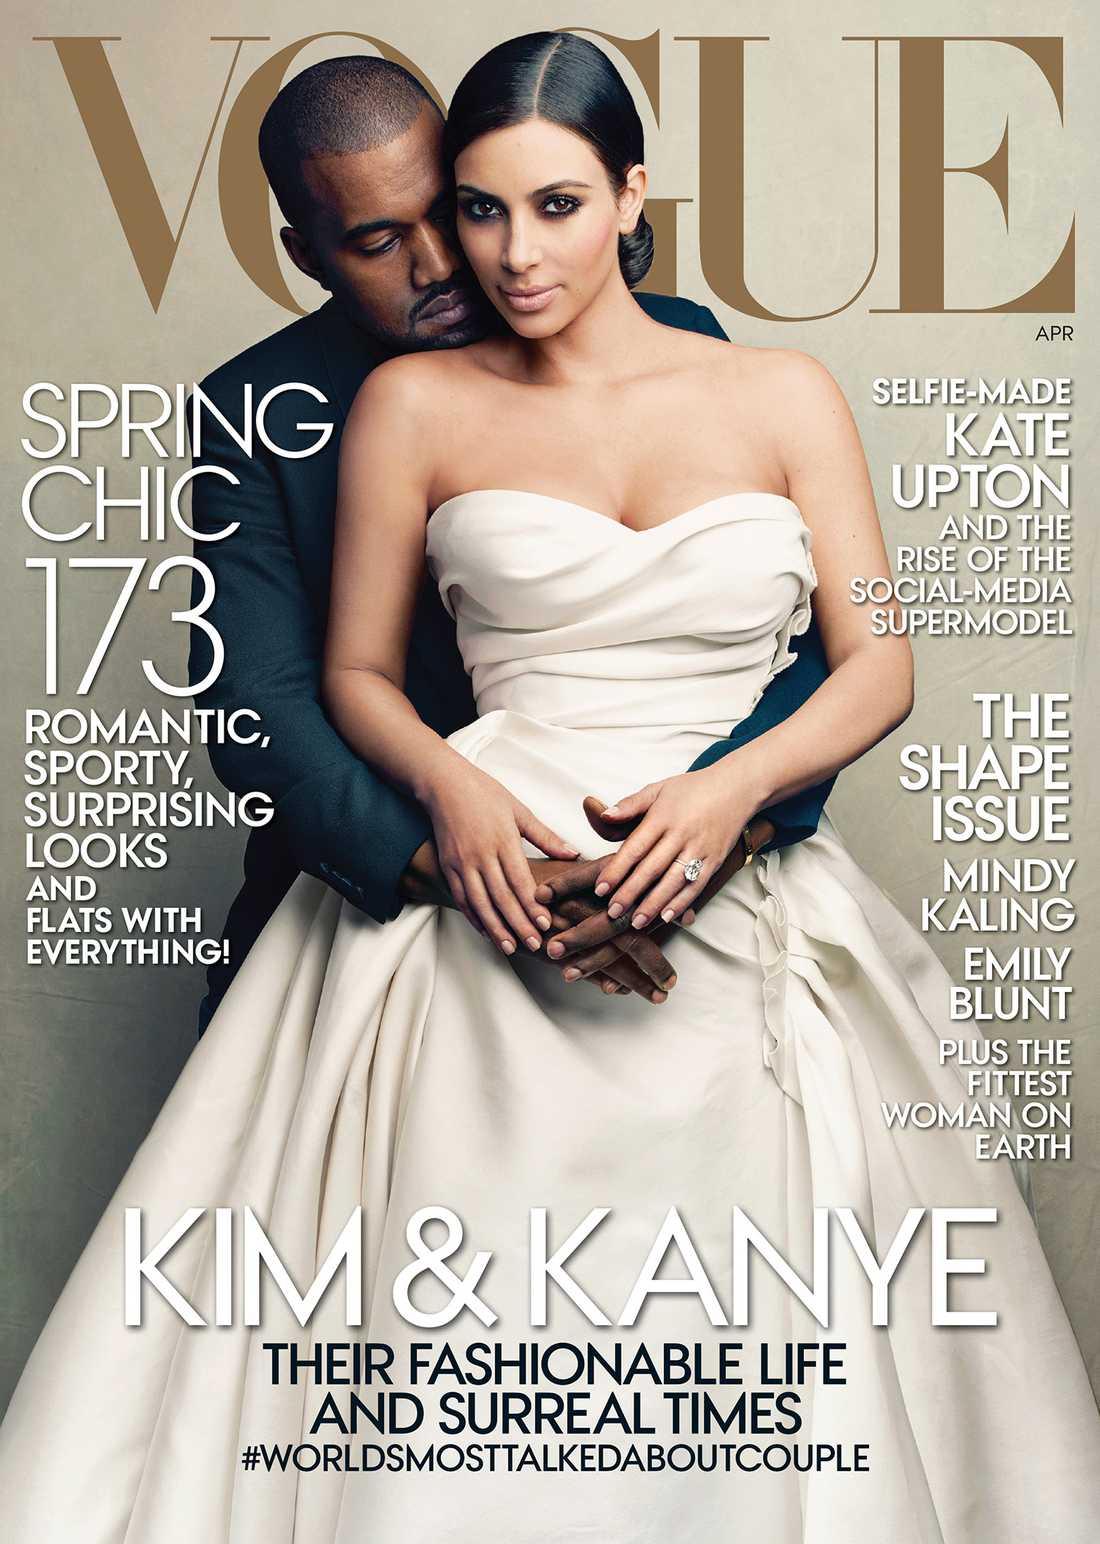 Här är omslaget - som Kanye West och Kim Kardashian pryder.